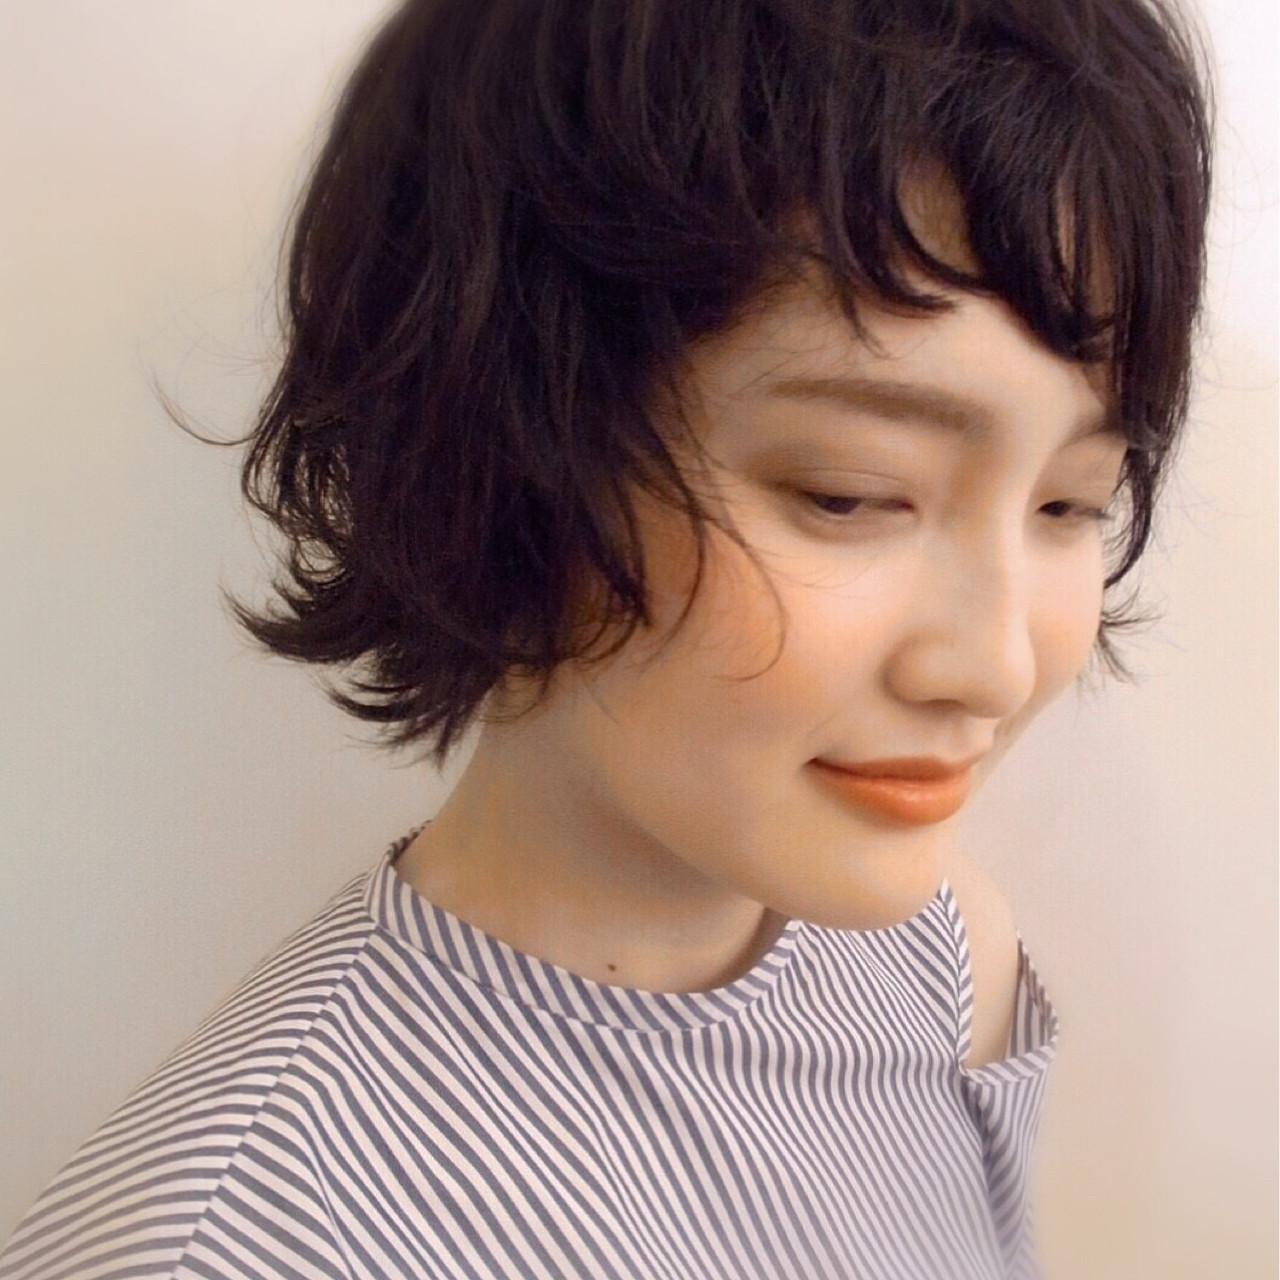 無造作ウェーブでもオシャレな髪型に ベージュ系グレー系✂︎カラリスト モリ カナコ | An hue.